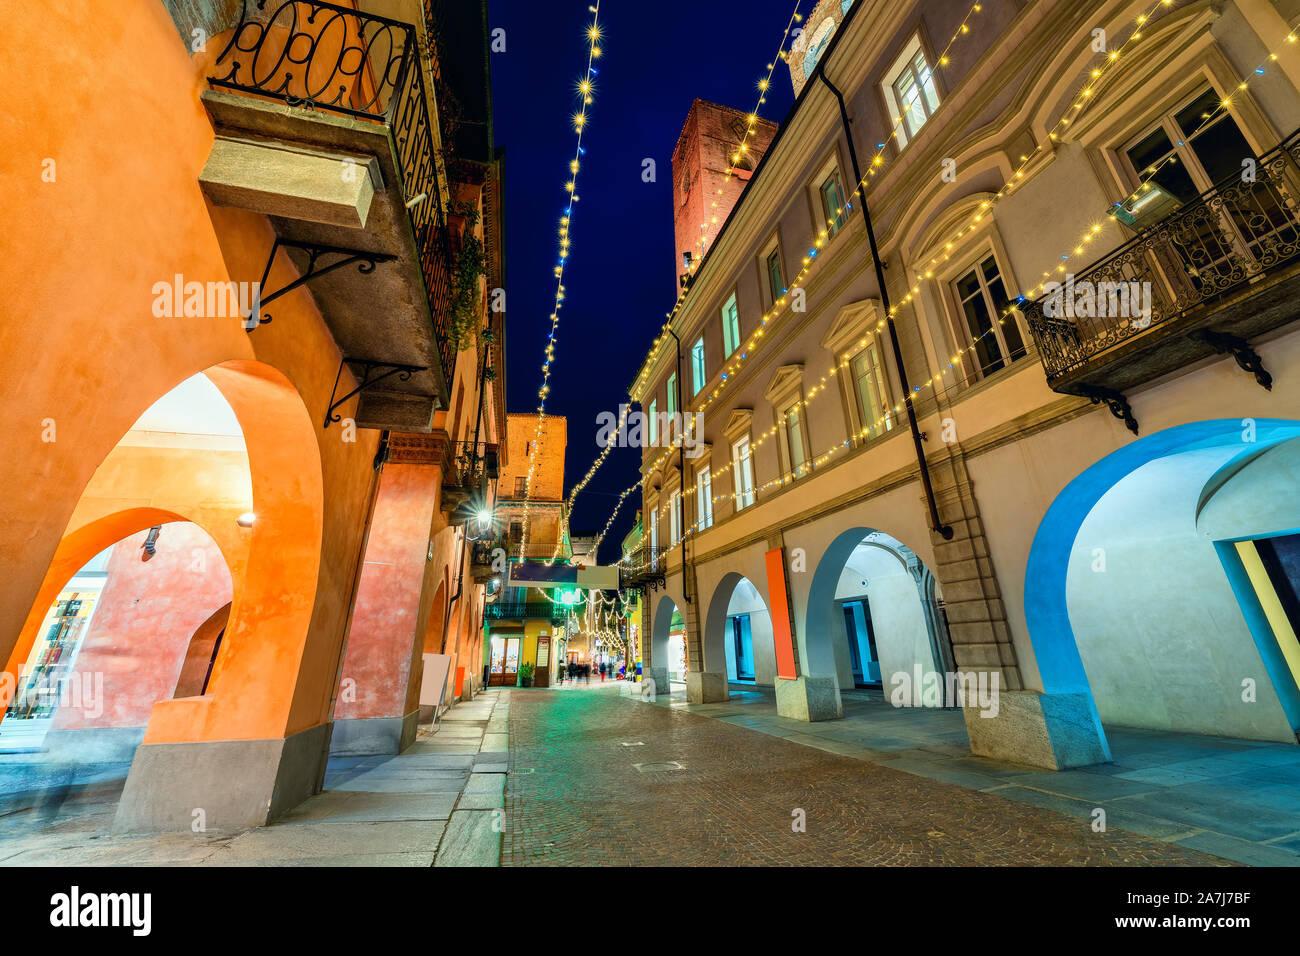 Calle peatonal adoquinada iluminada de noche con las luces de Navidad en el casco antiguo de la ciudad de Alba, Piamonte, Norte de Italia. Foto de stock